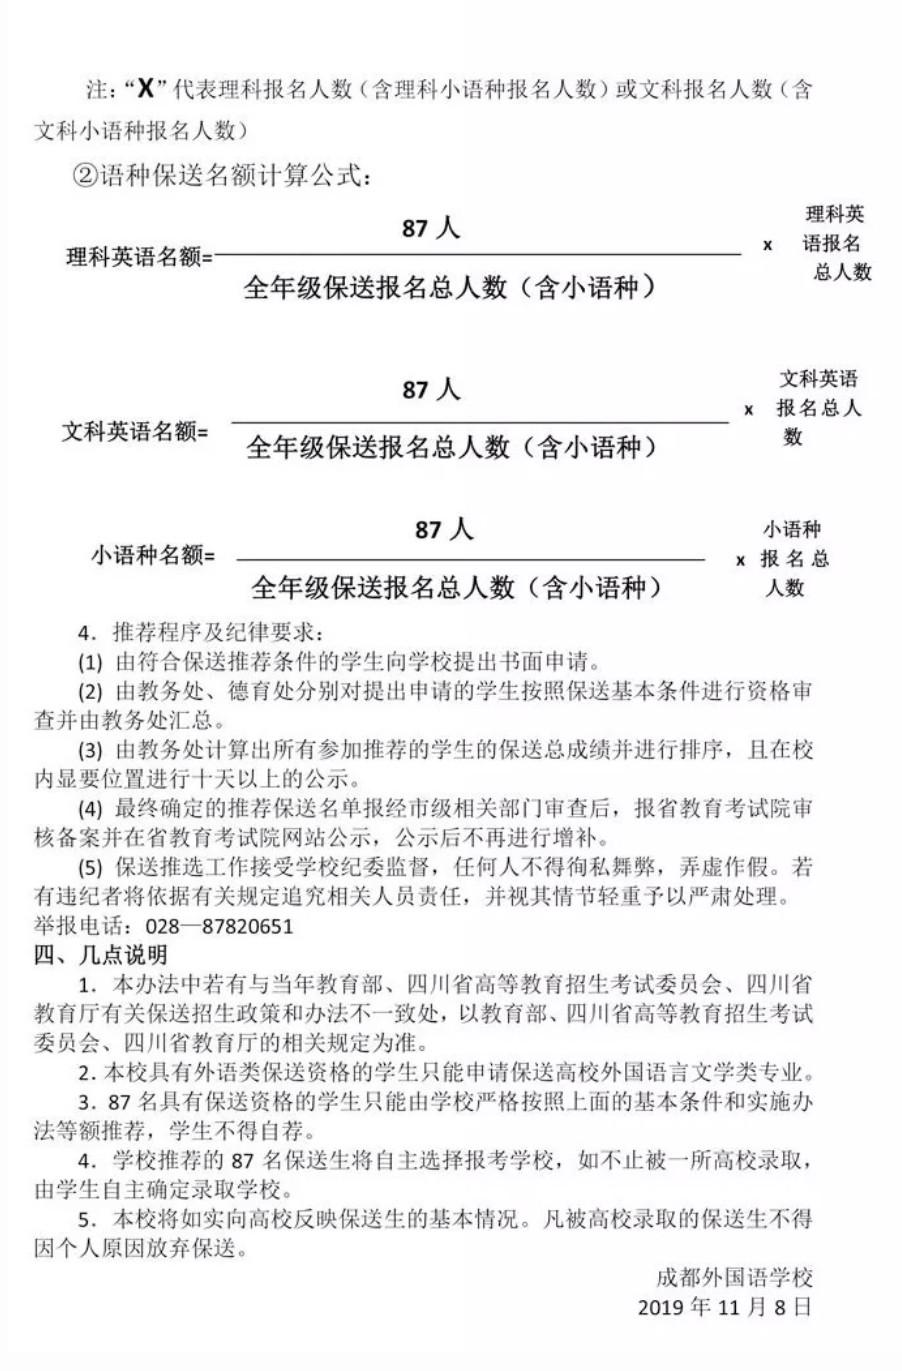 2020成都外国语学校中考保送生推选87个名额(外语类)